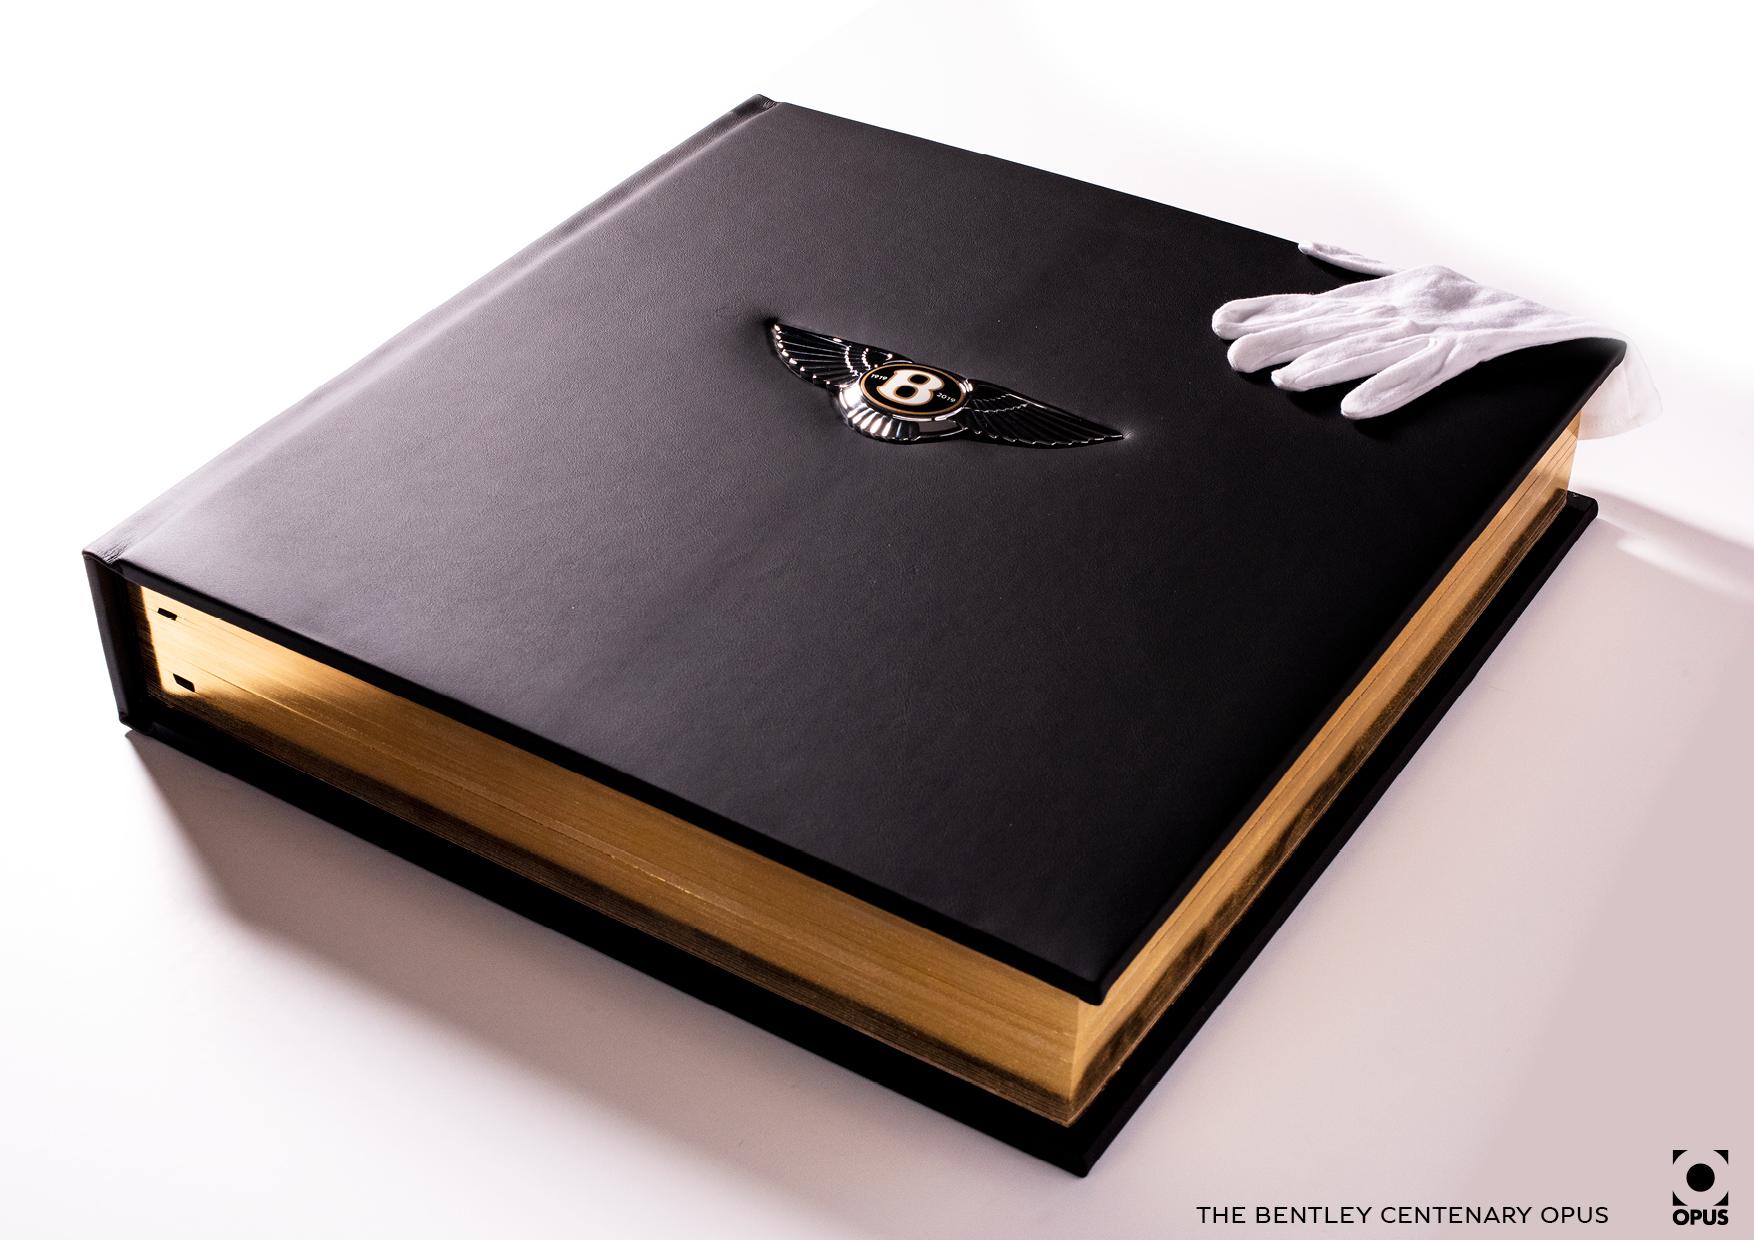 Bentley_Centenary_Opus_book_0004